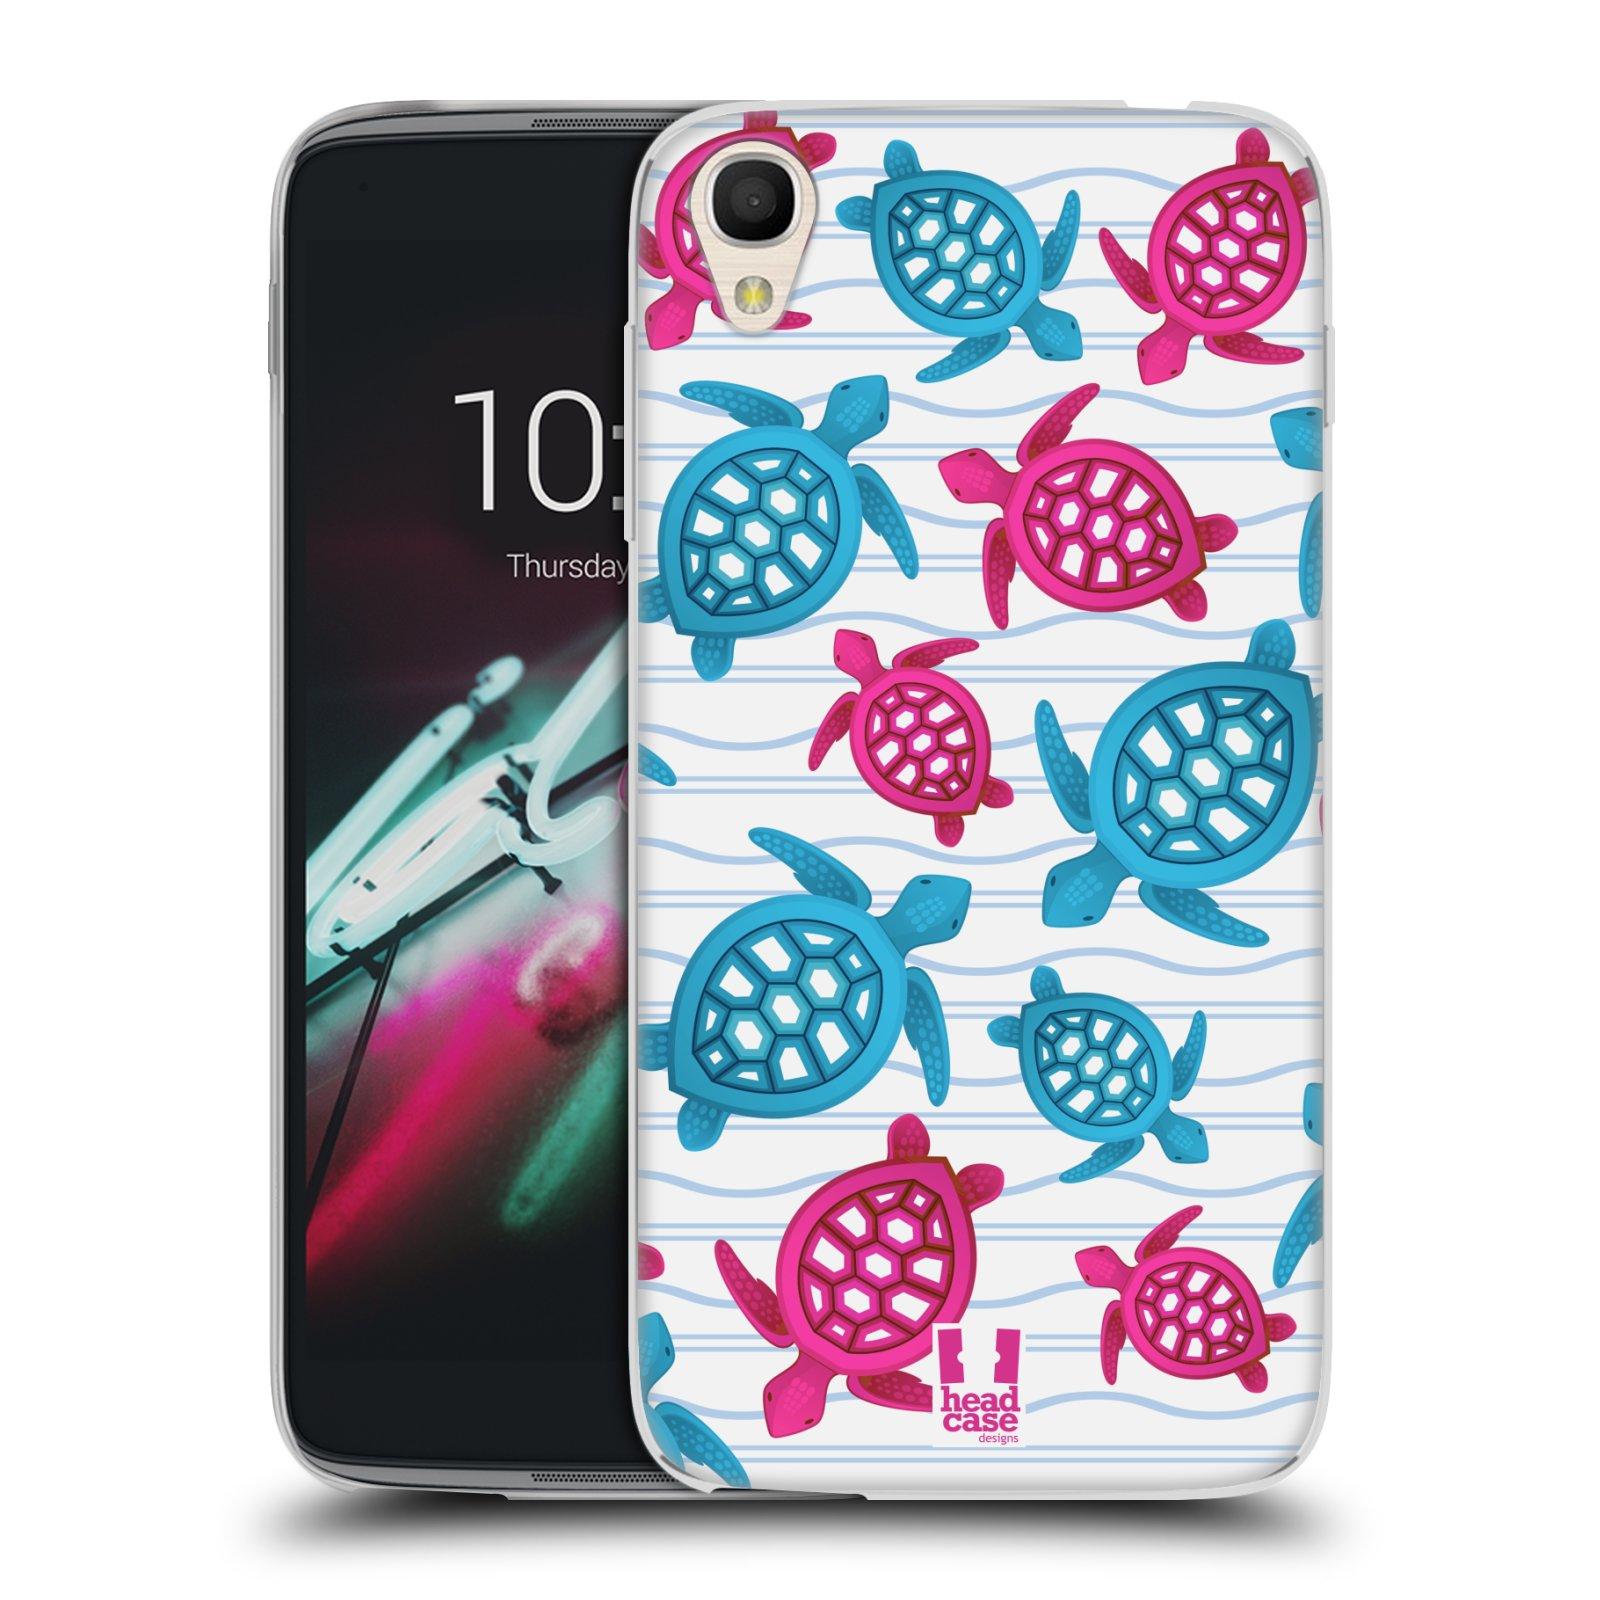 HEAD CASE silikonový obal na mobil Alcatel Idol 3 OT-6039Y (4.7) vzor mořský živočich želva modrá a růžová